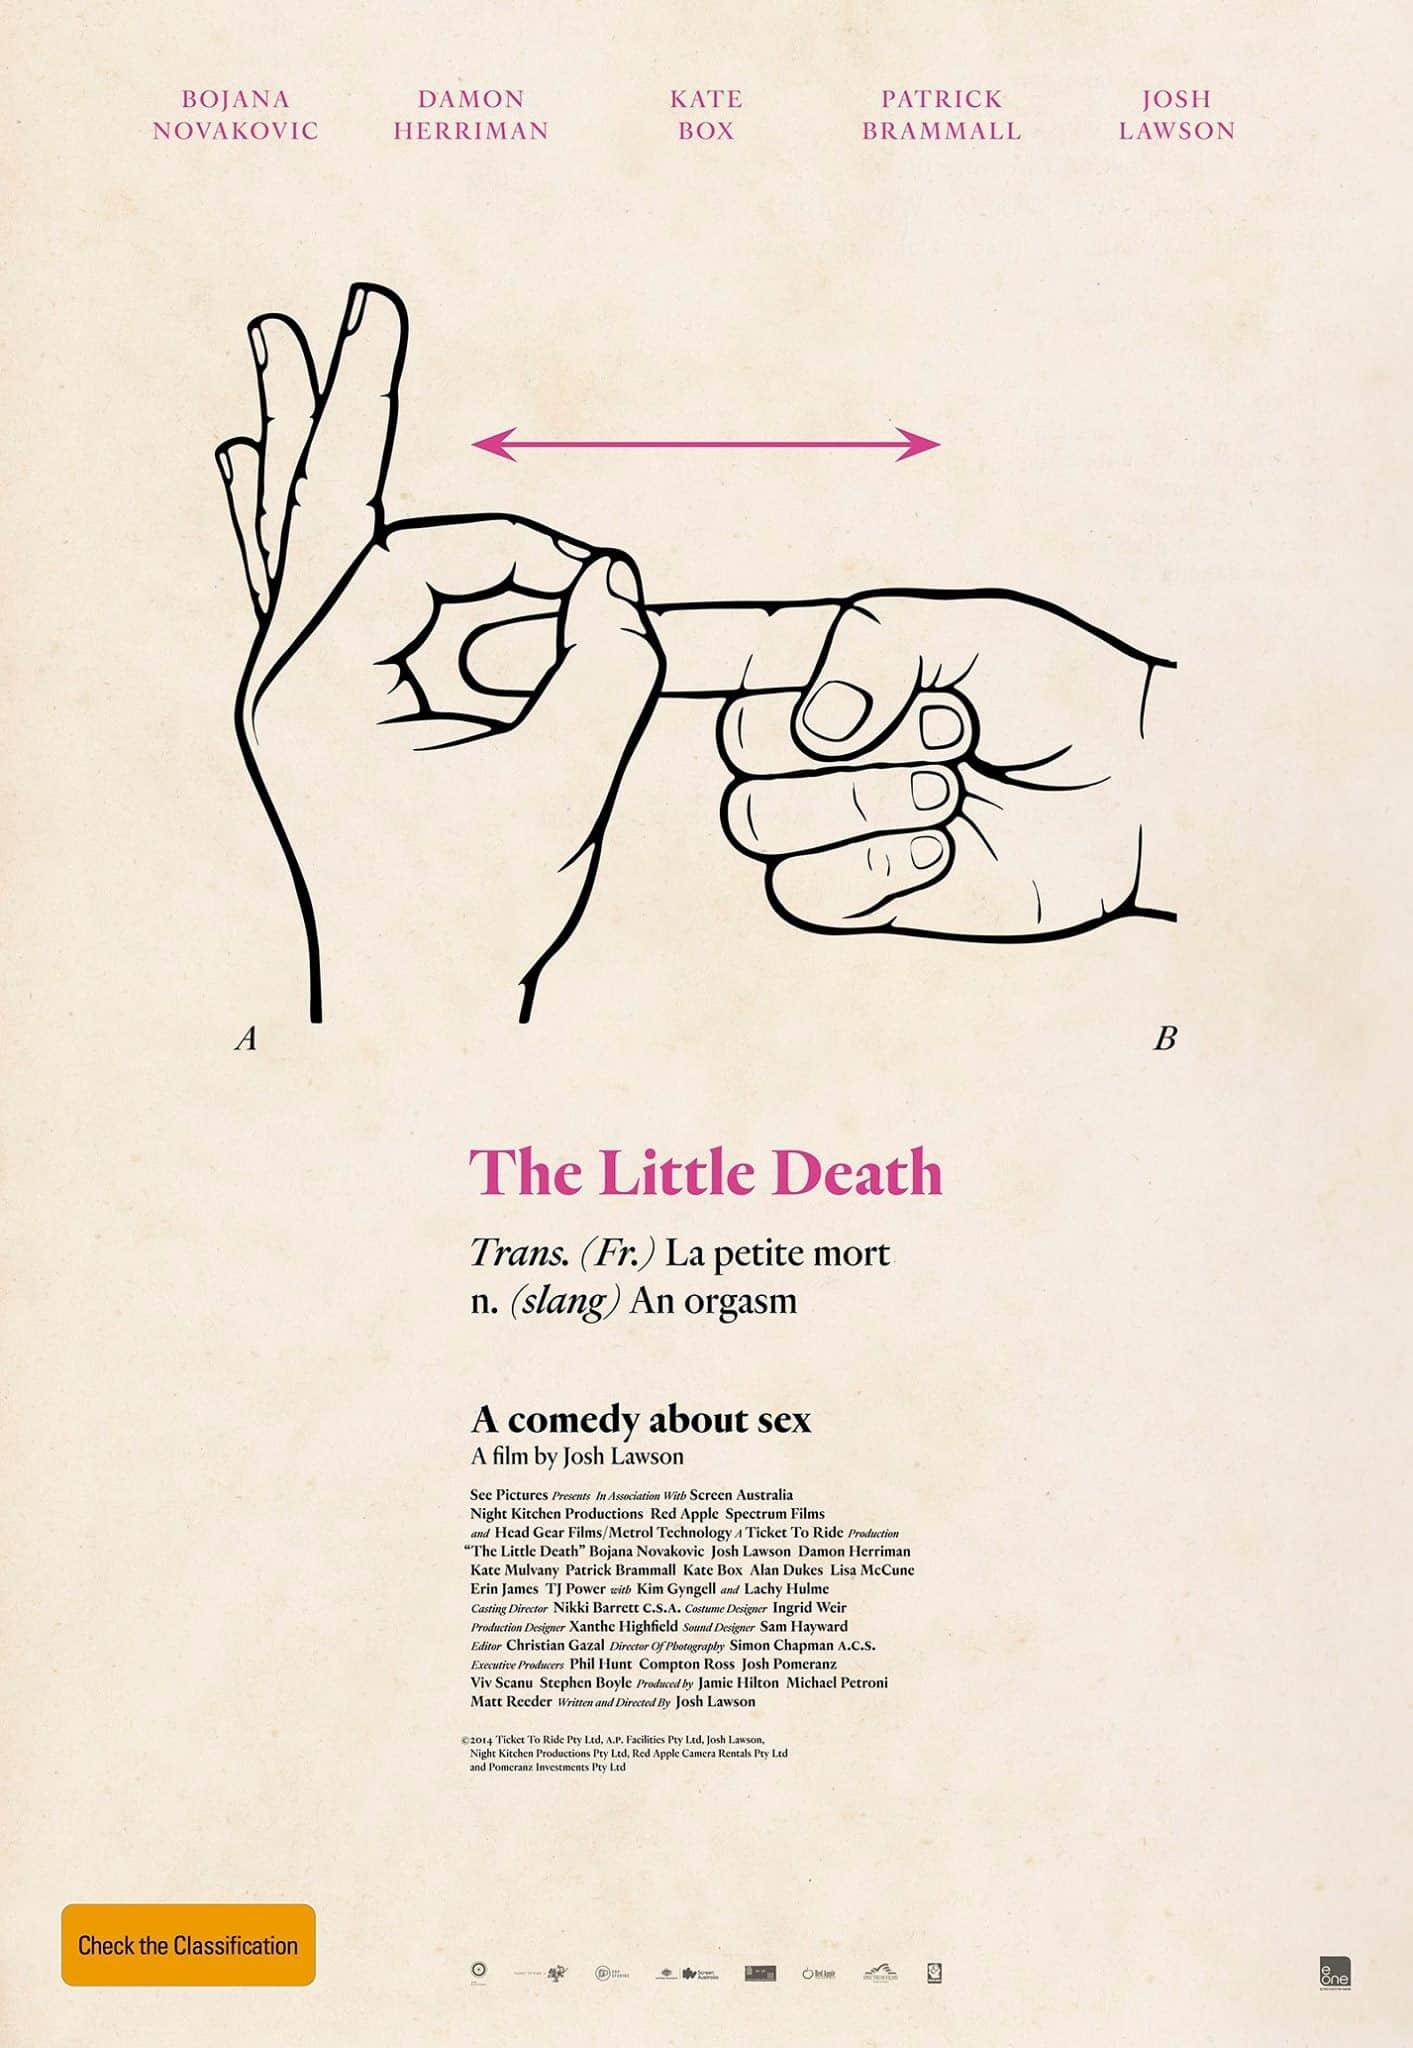 La muerte Chiquita The Little Death de Josh Lawson